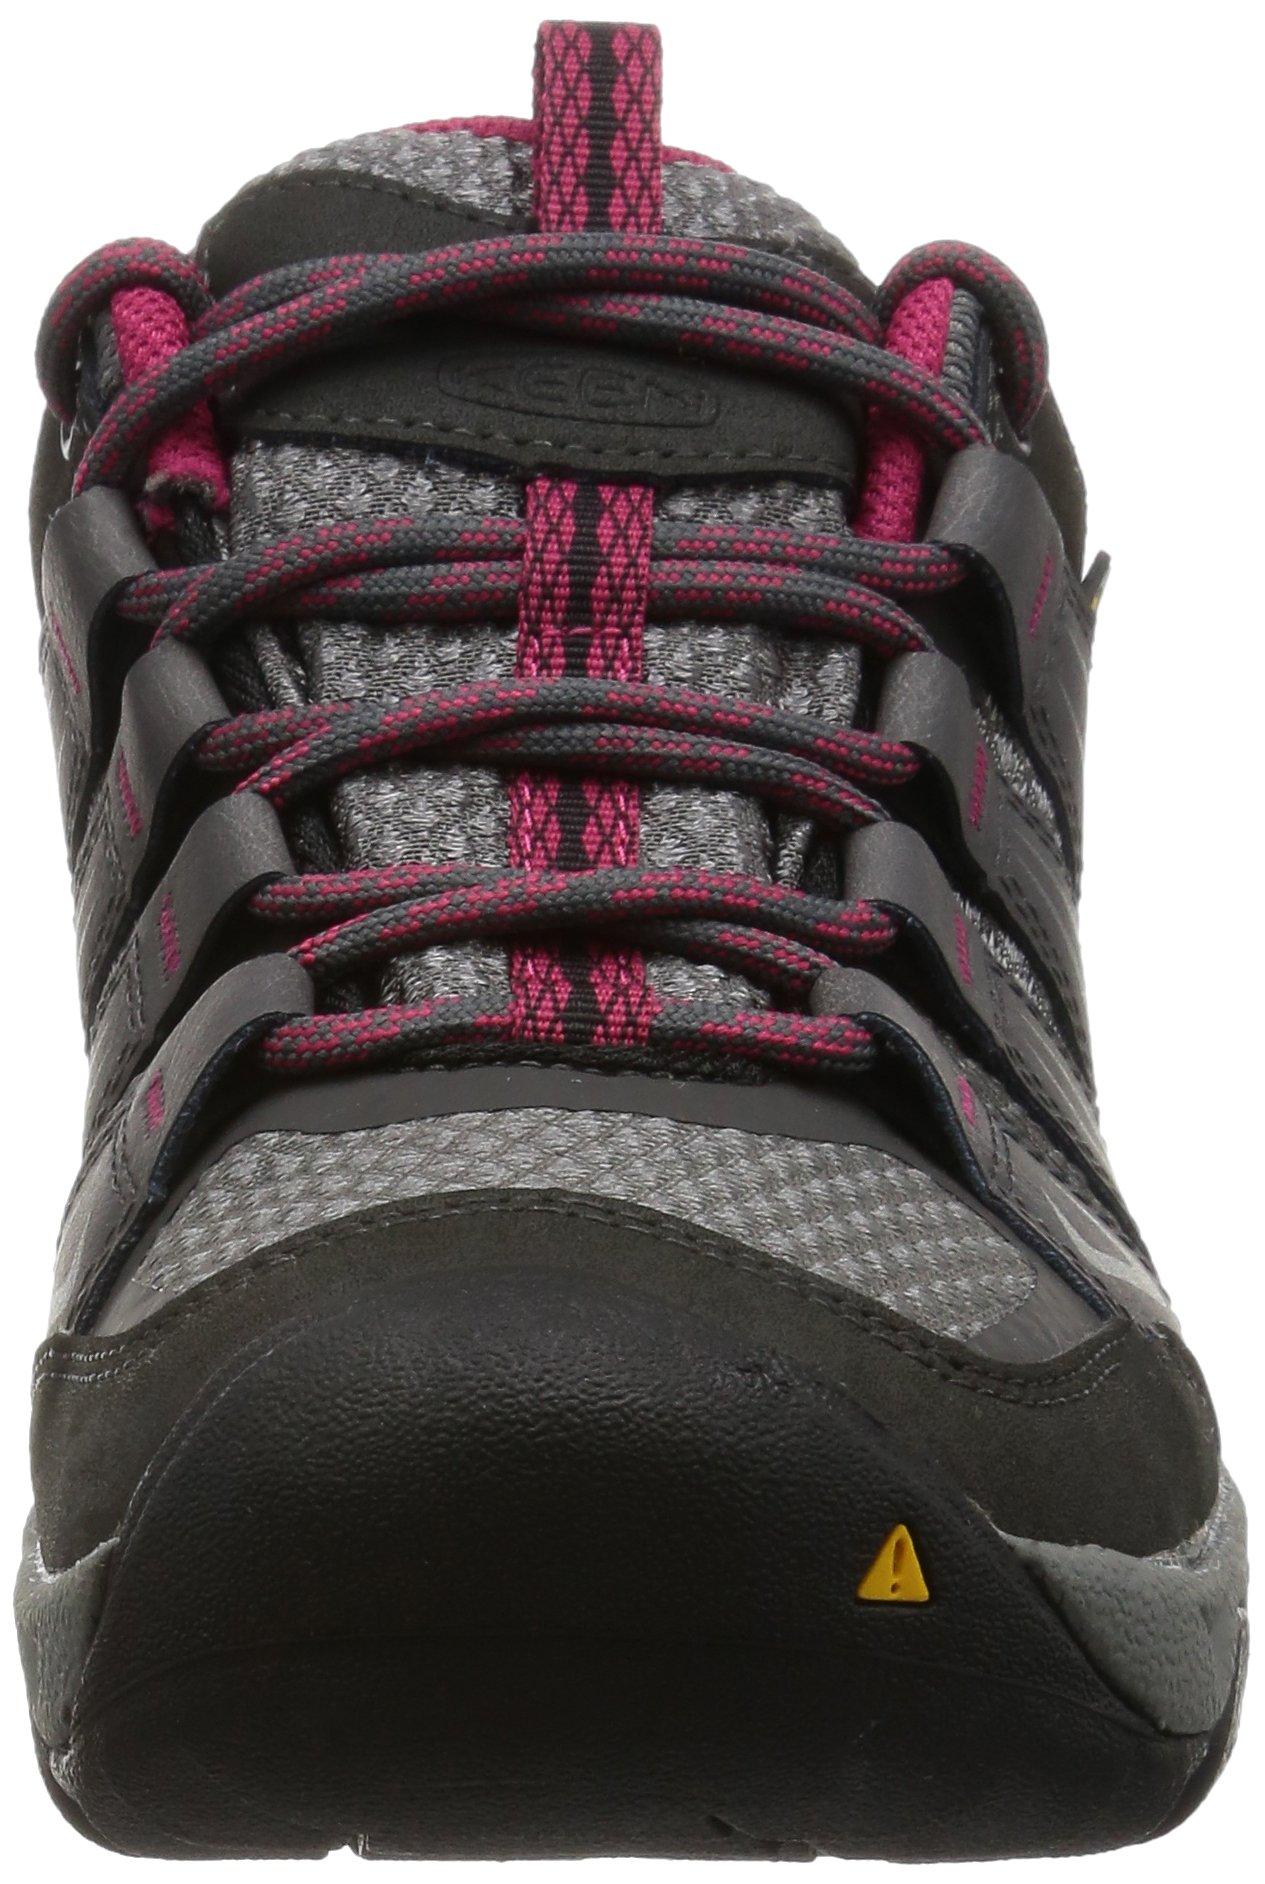 KEEN Women's Oakridge Wp Low Rise Hiking Shoes 4